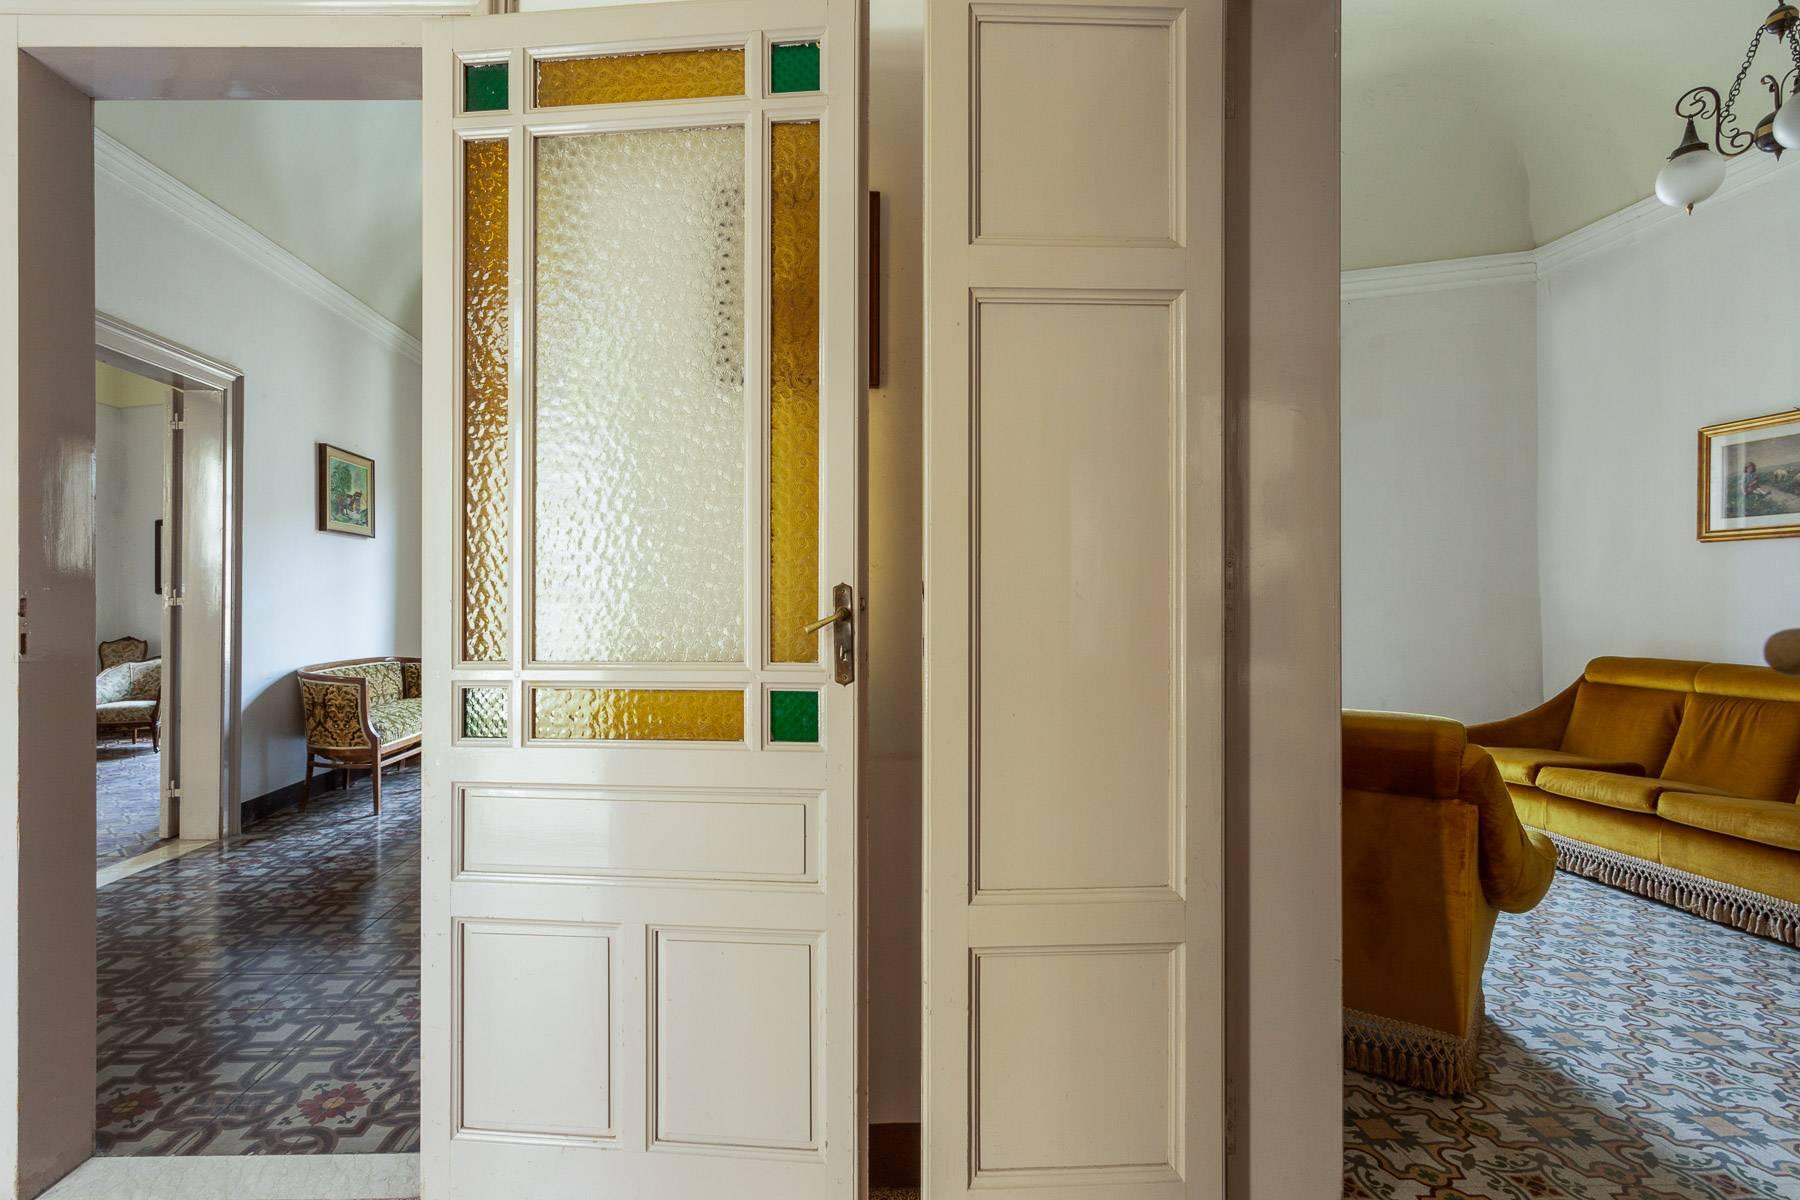 Palazzo in Vendita a Modica: 5 locali, 350 mq - Foto 3